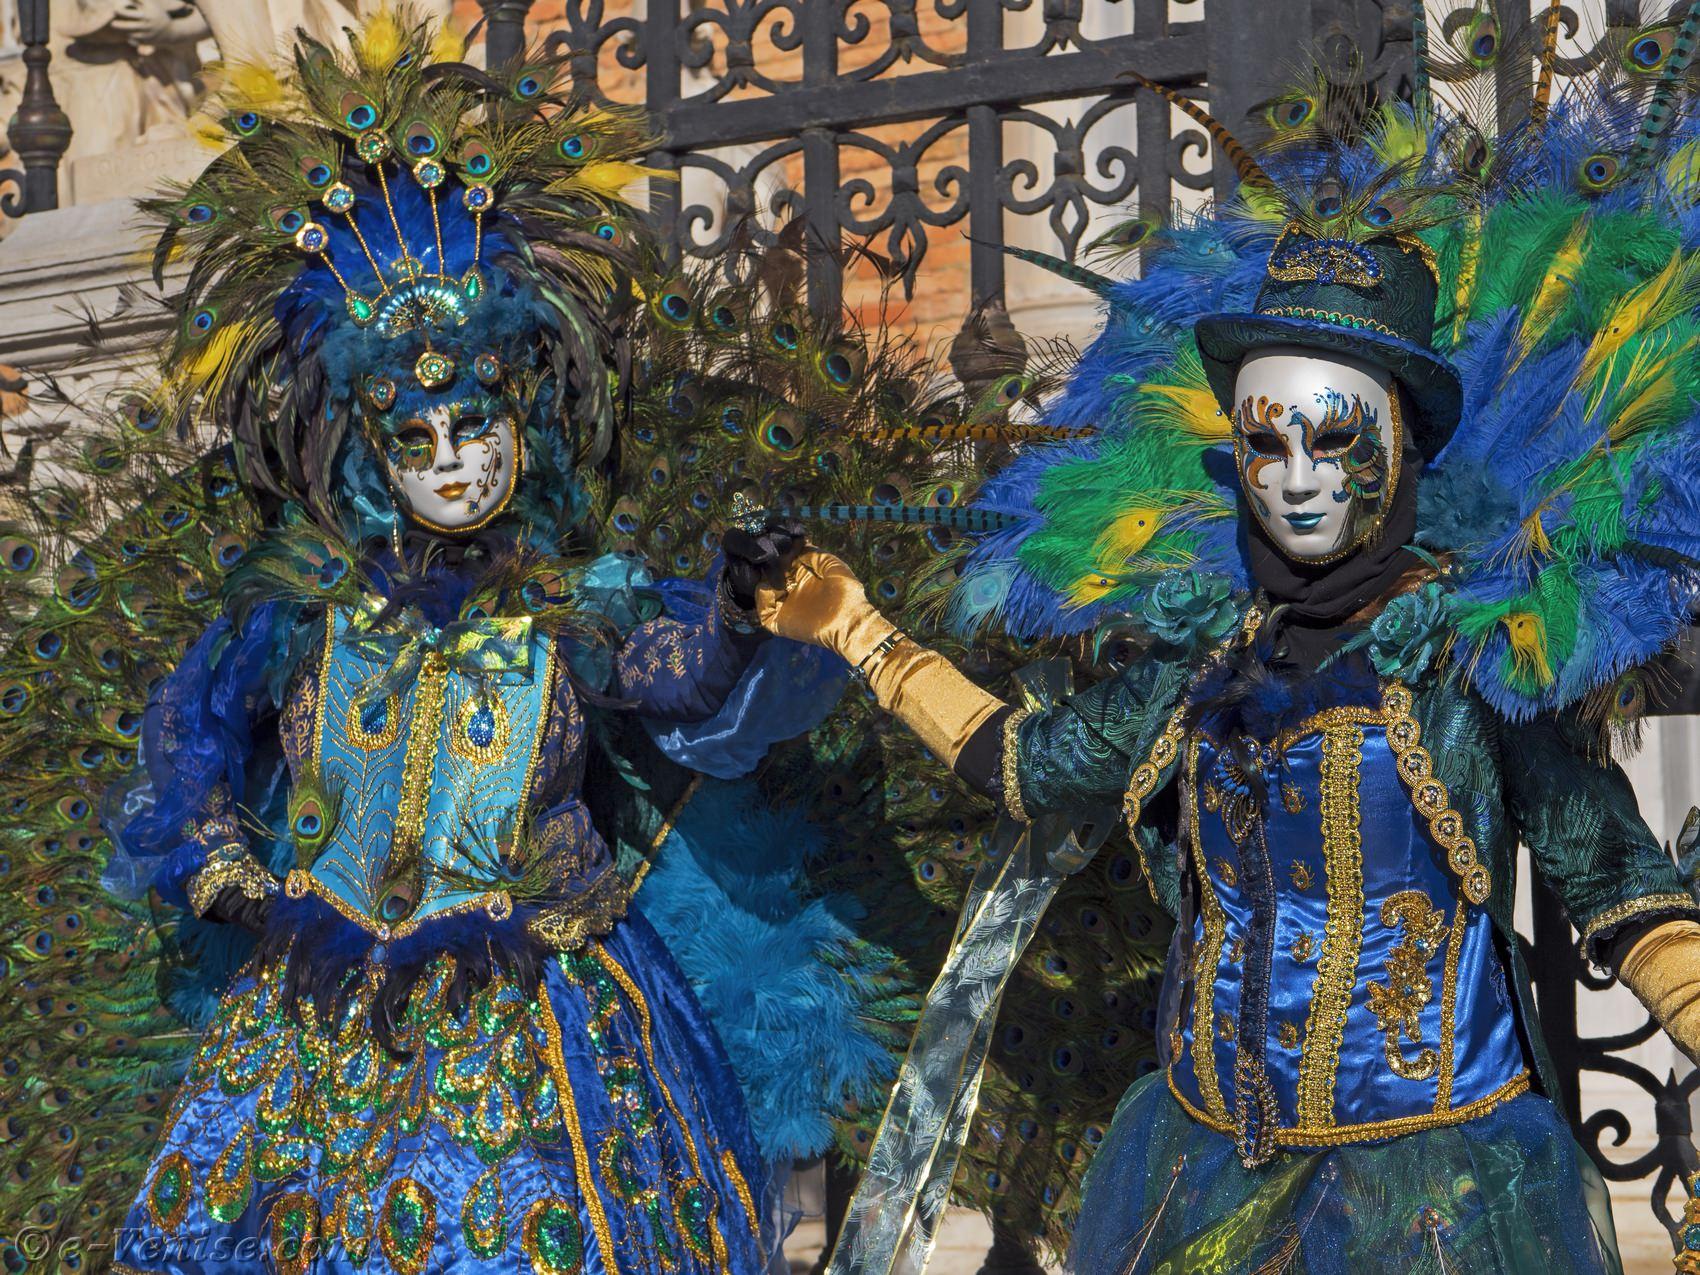 Favorit Dates du Carnaval de Venise 2018 : 3 au 13 Février KZ45